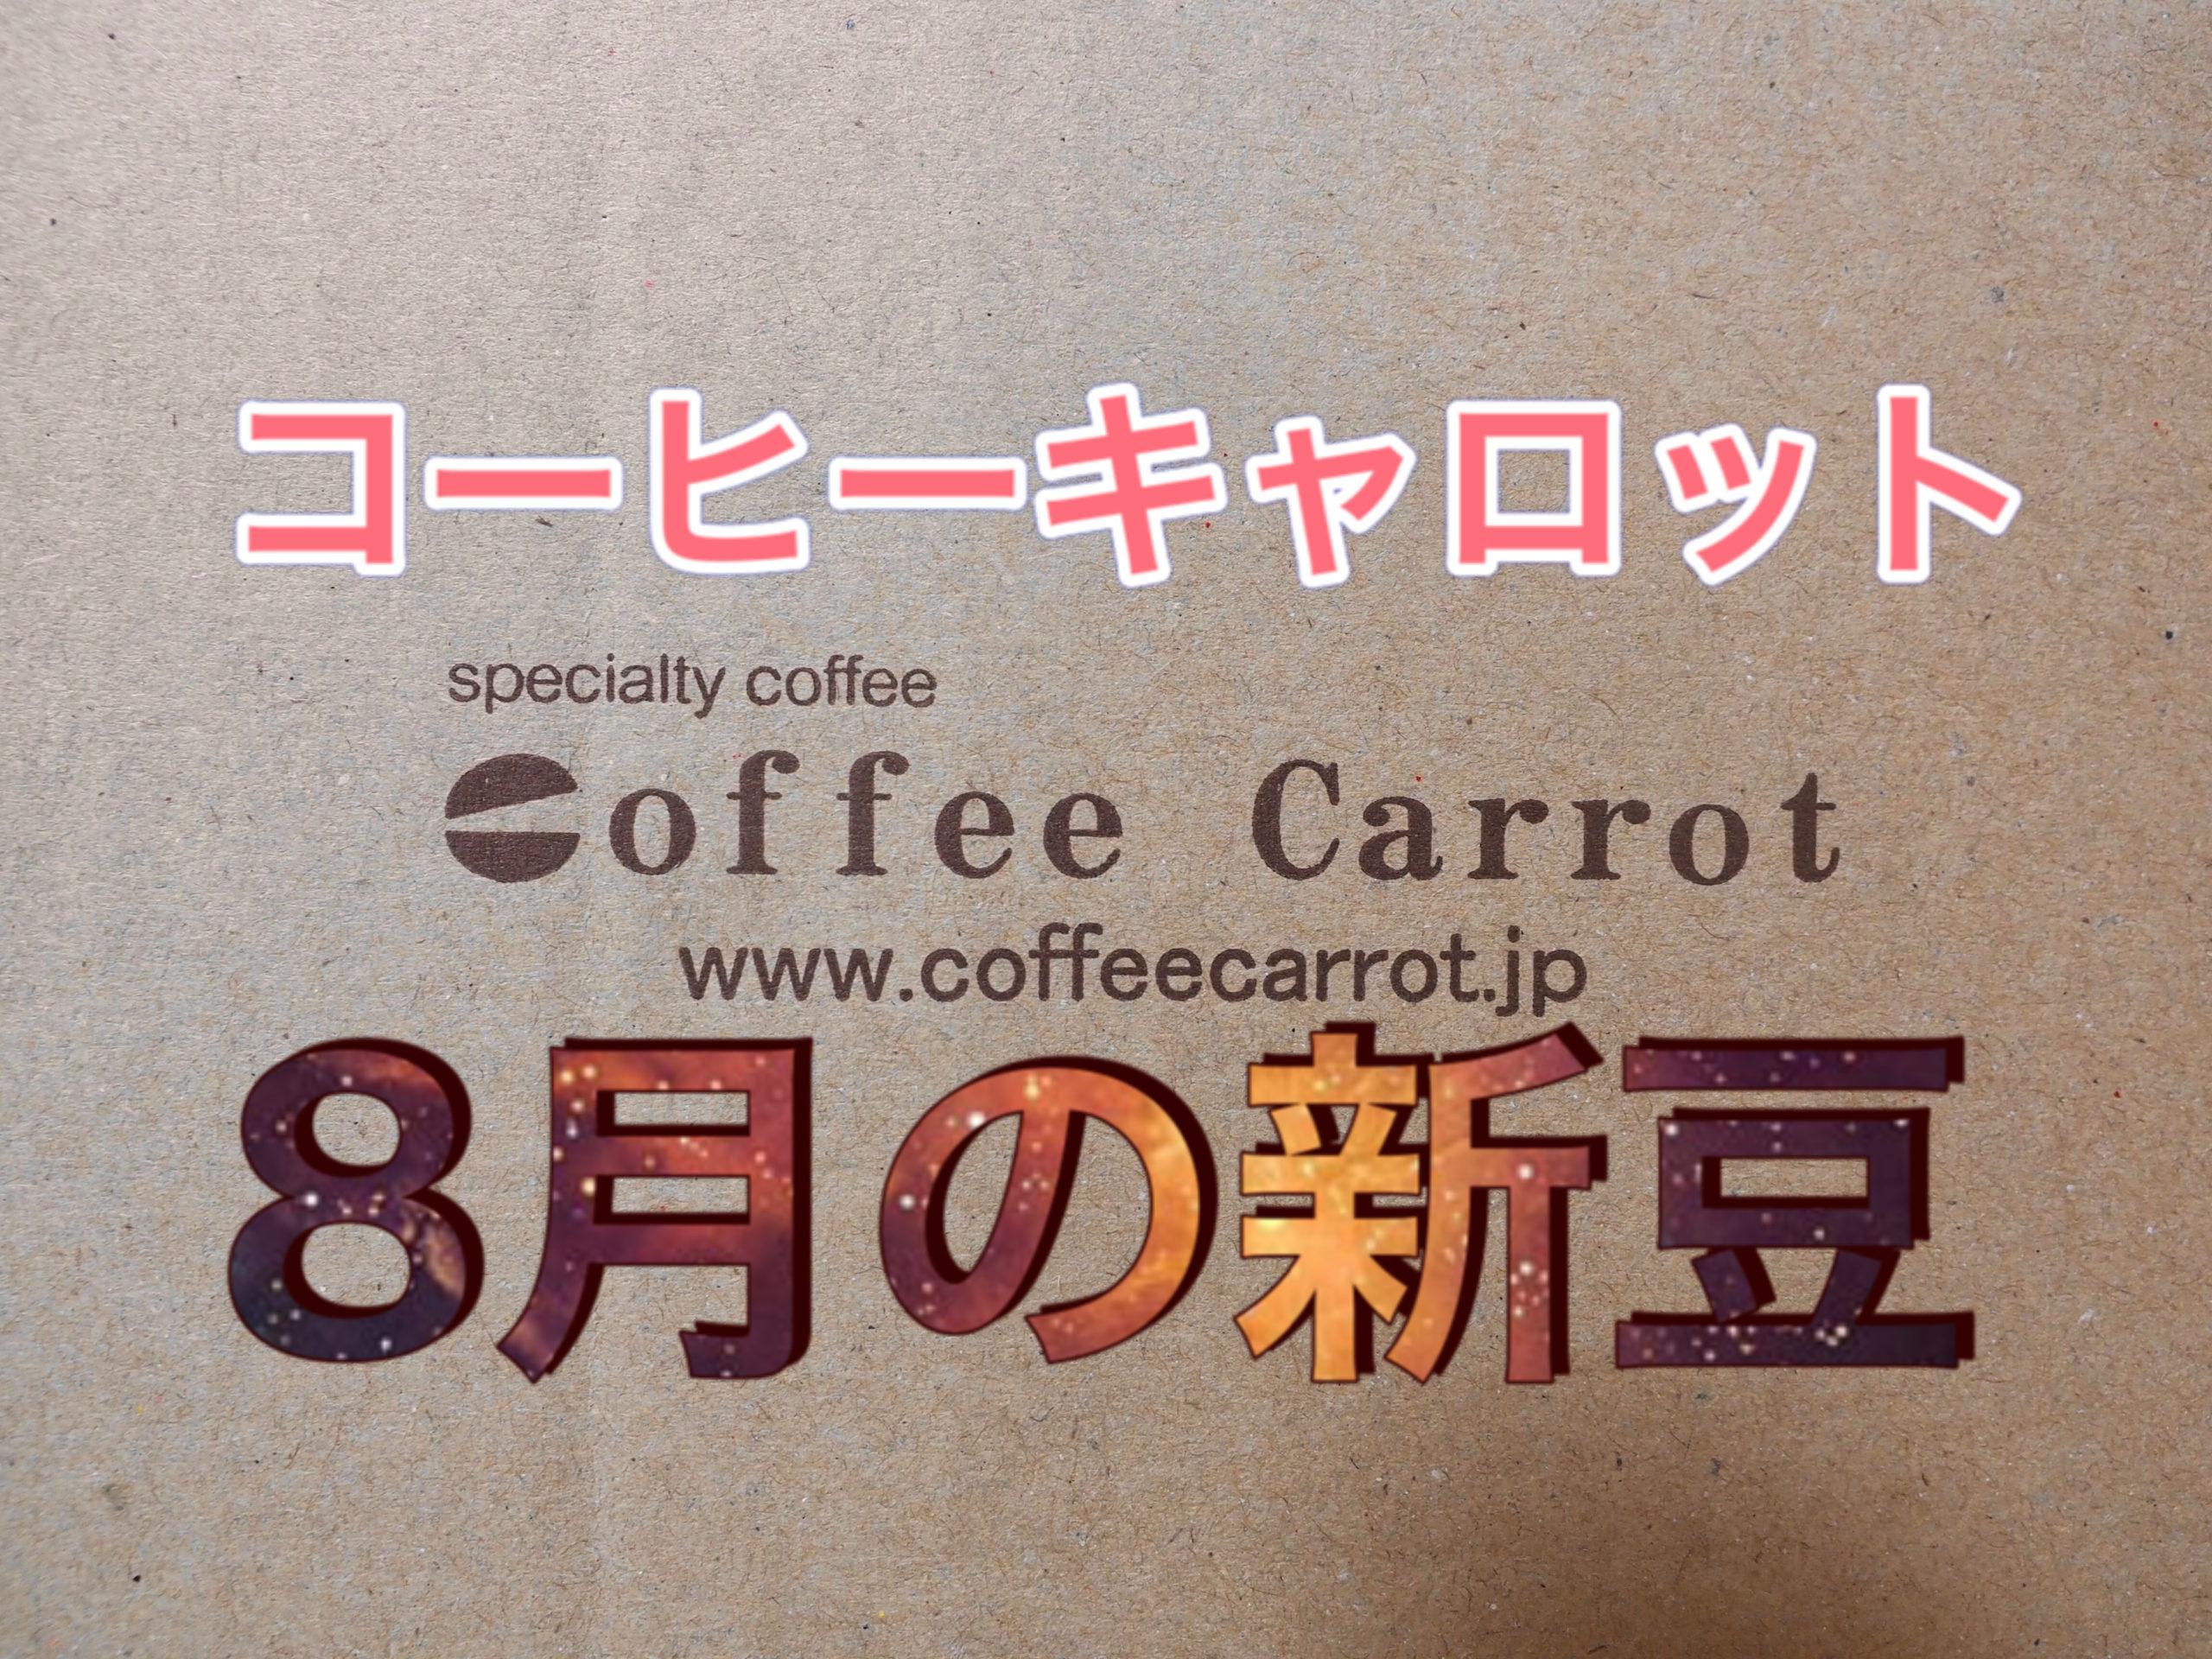 【コーヒー通販】キャロット8月の新豆レビュー【くるべさ】